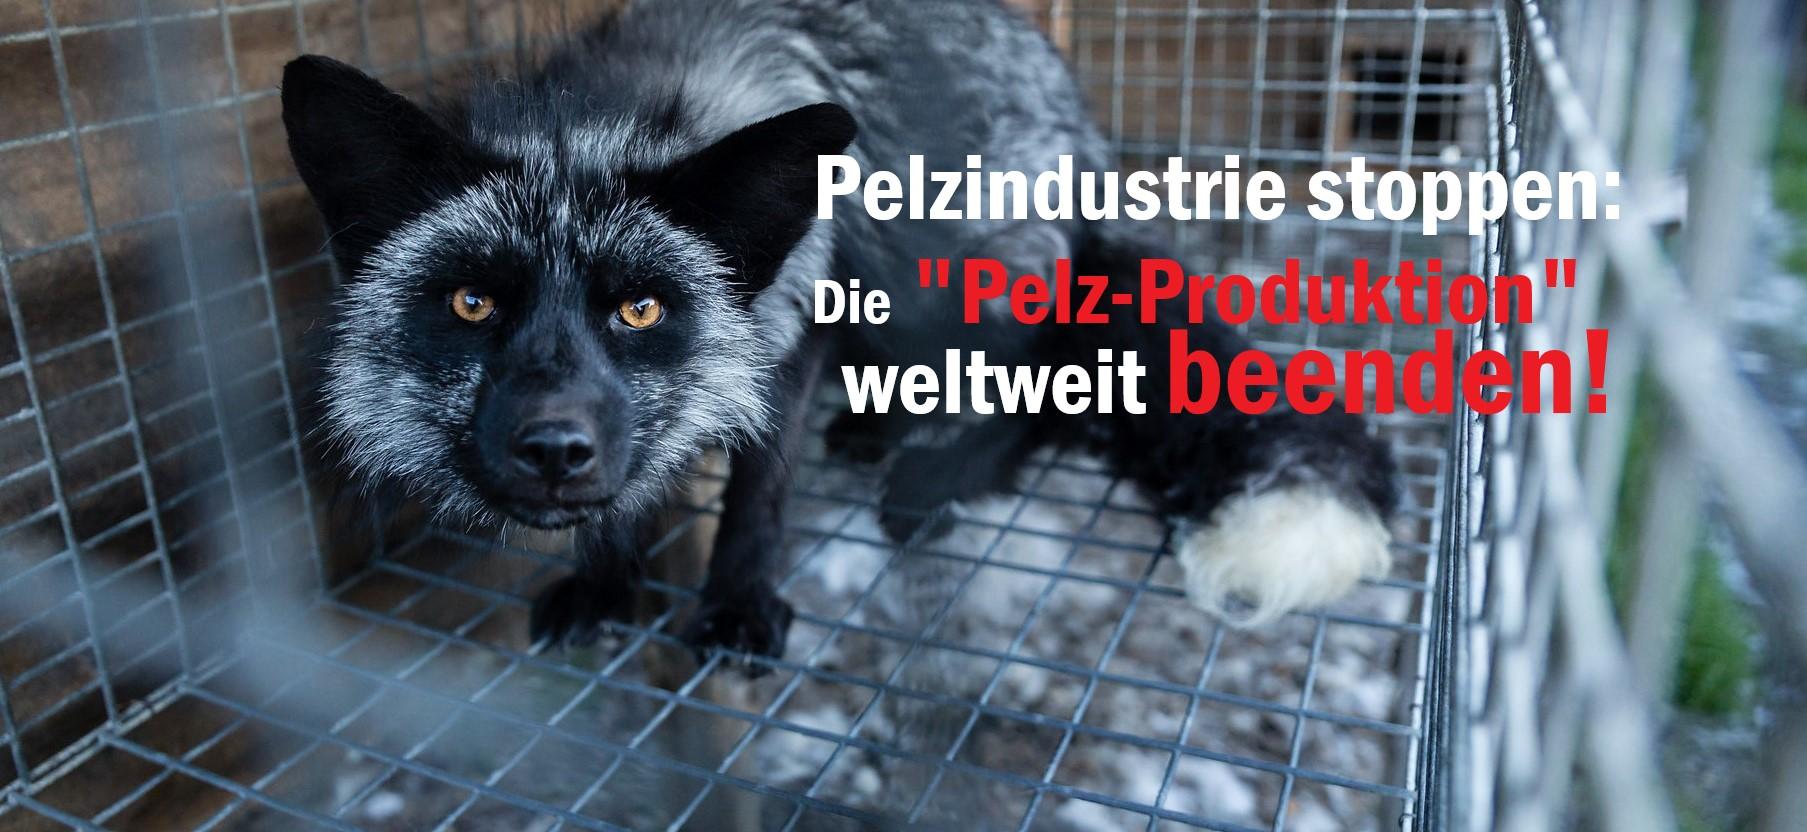 PelzproduktionFuchsP3